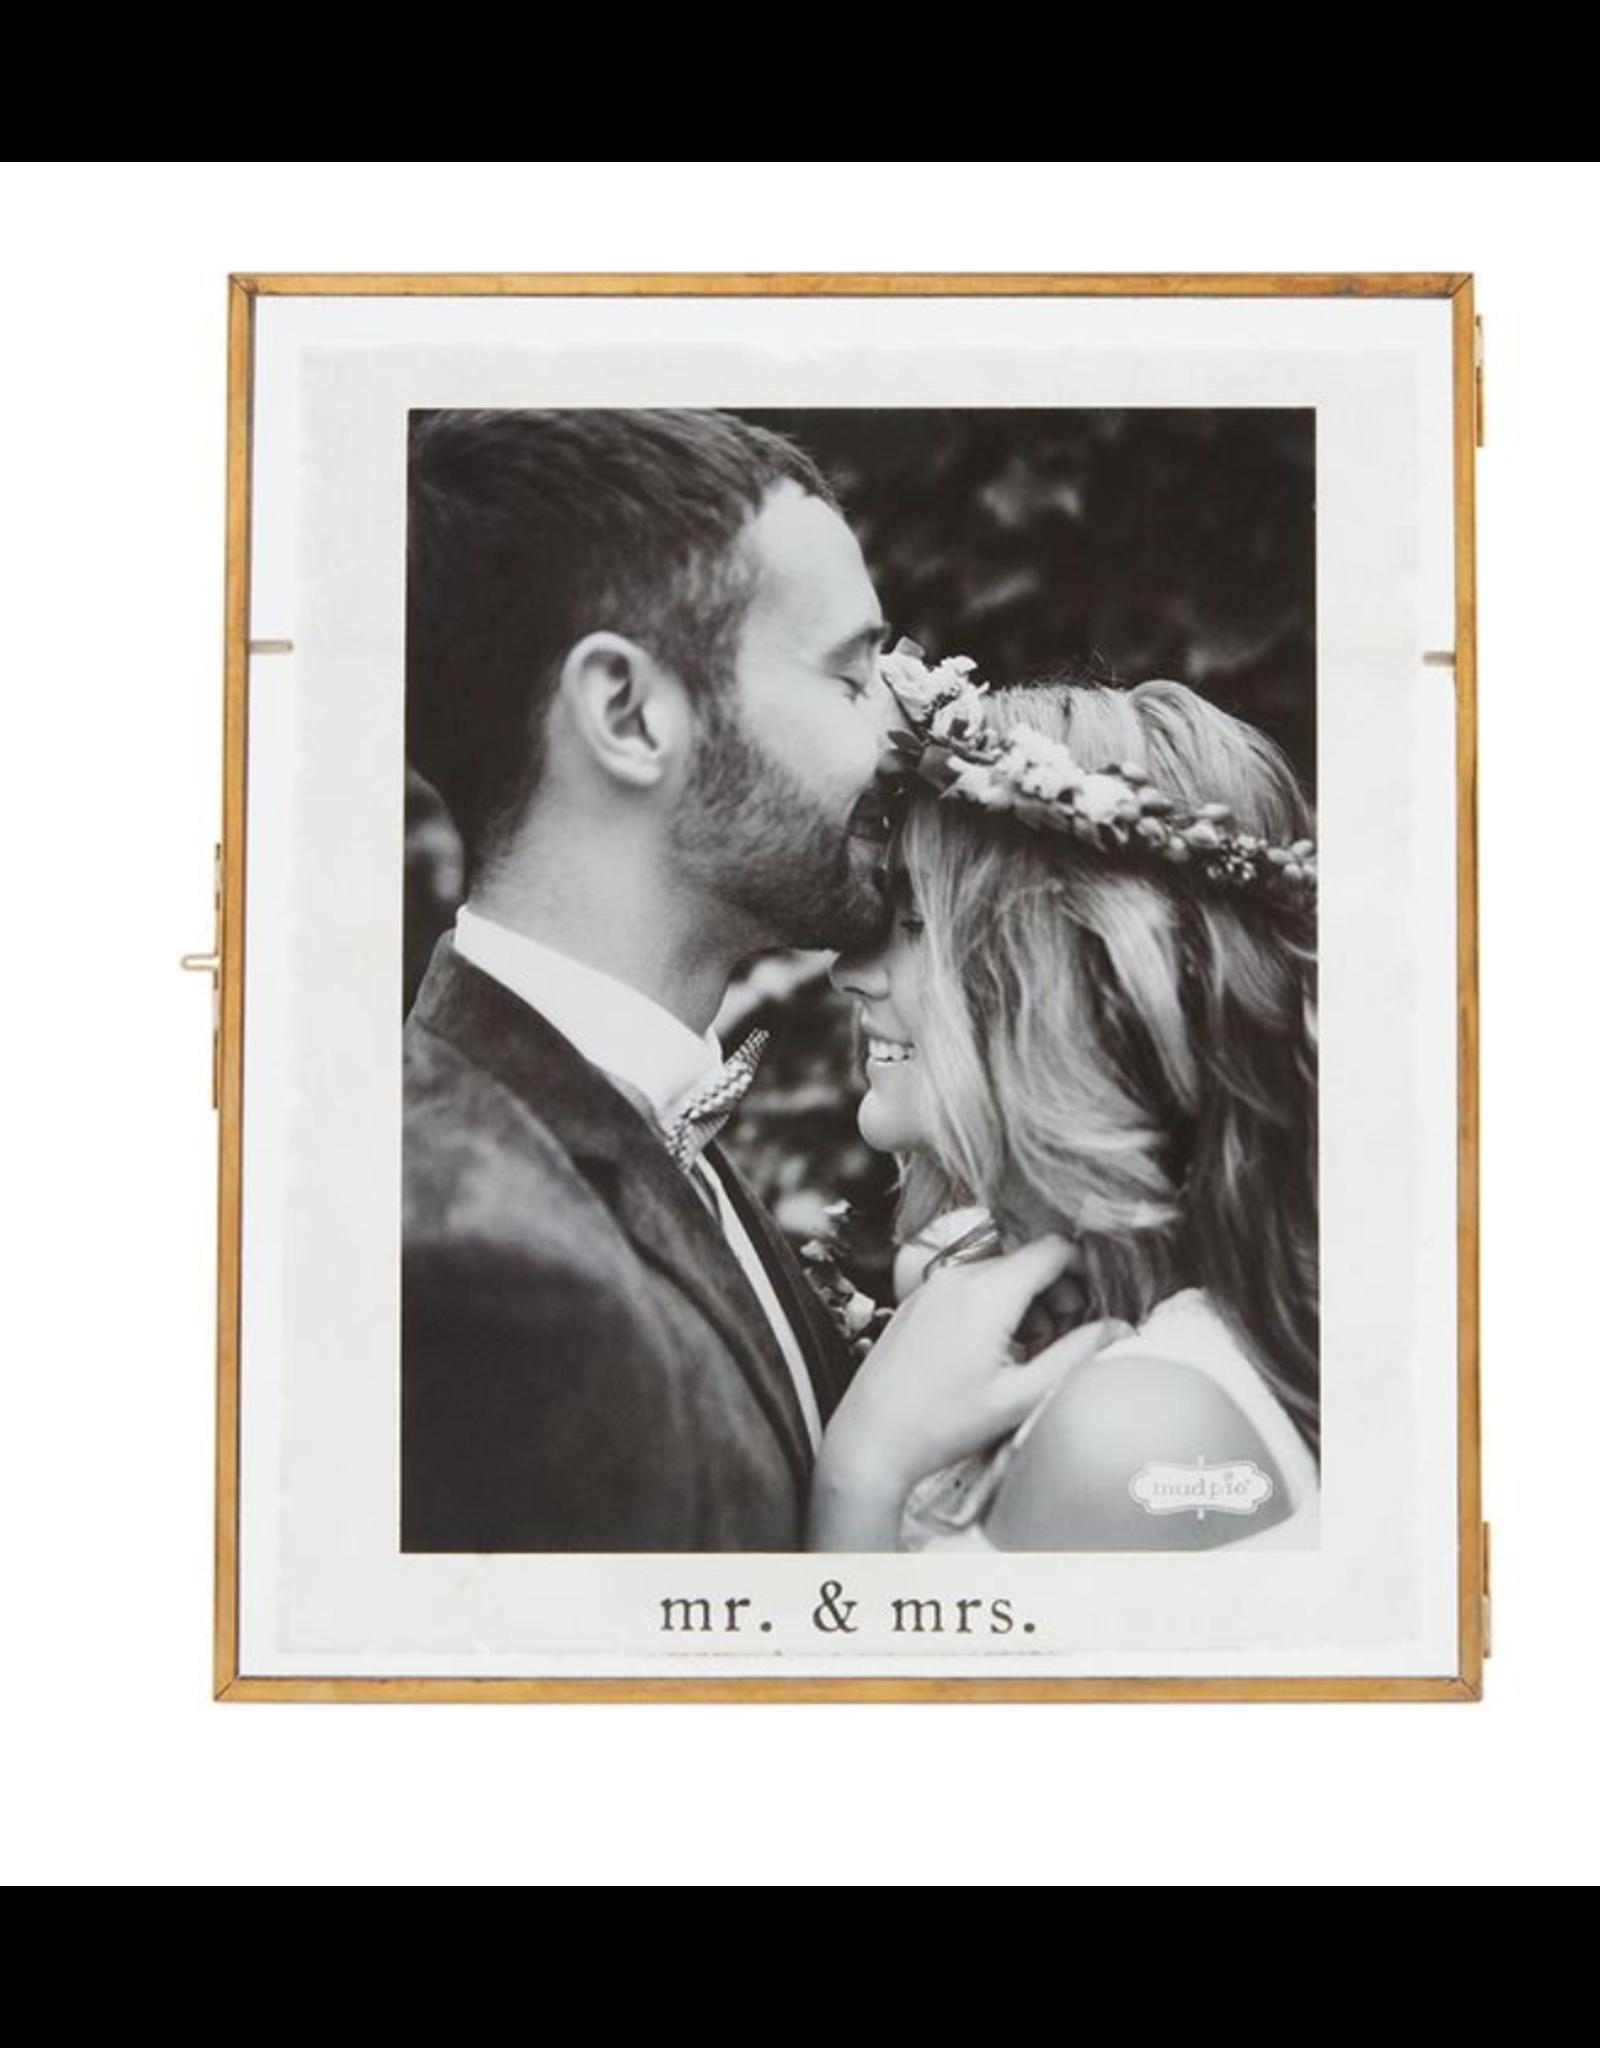 Mud Pie Frame Mr & Mrs 8x10 Glass